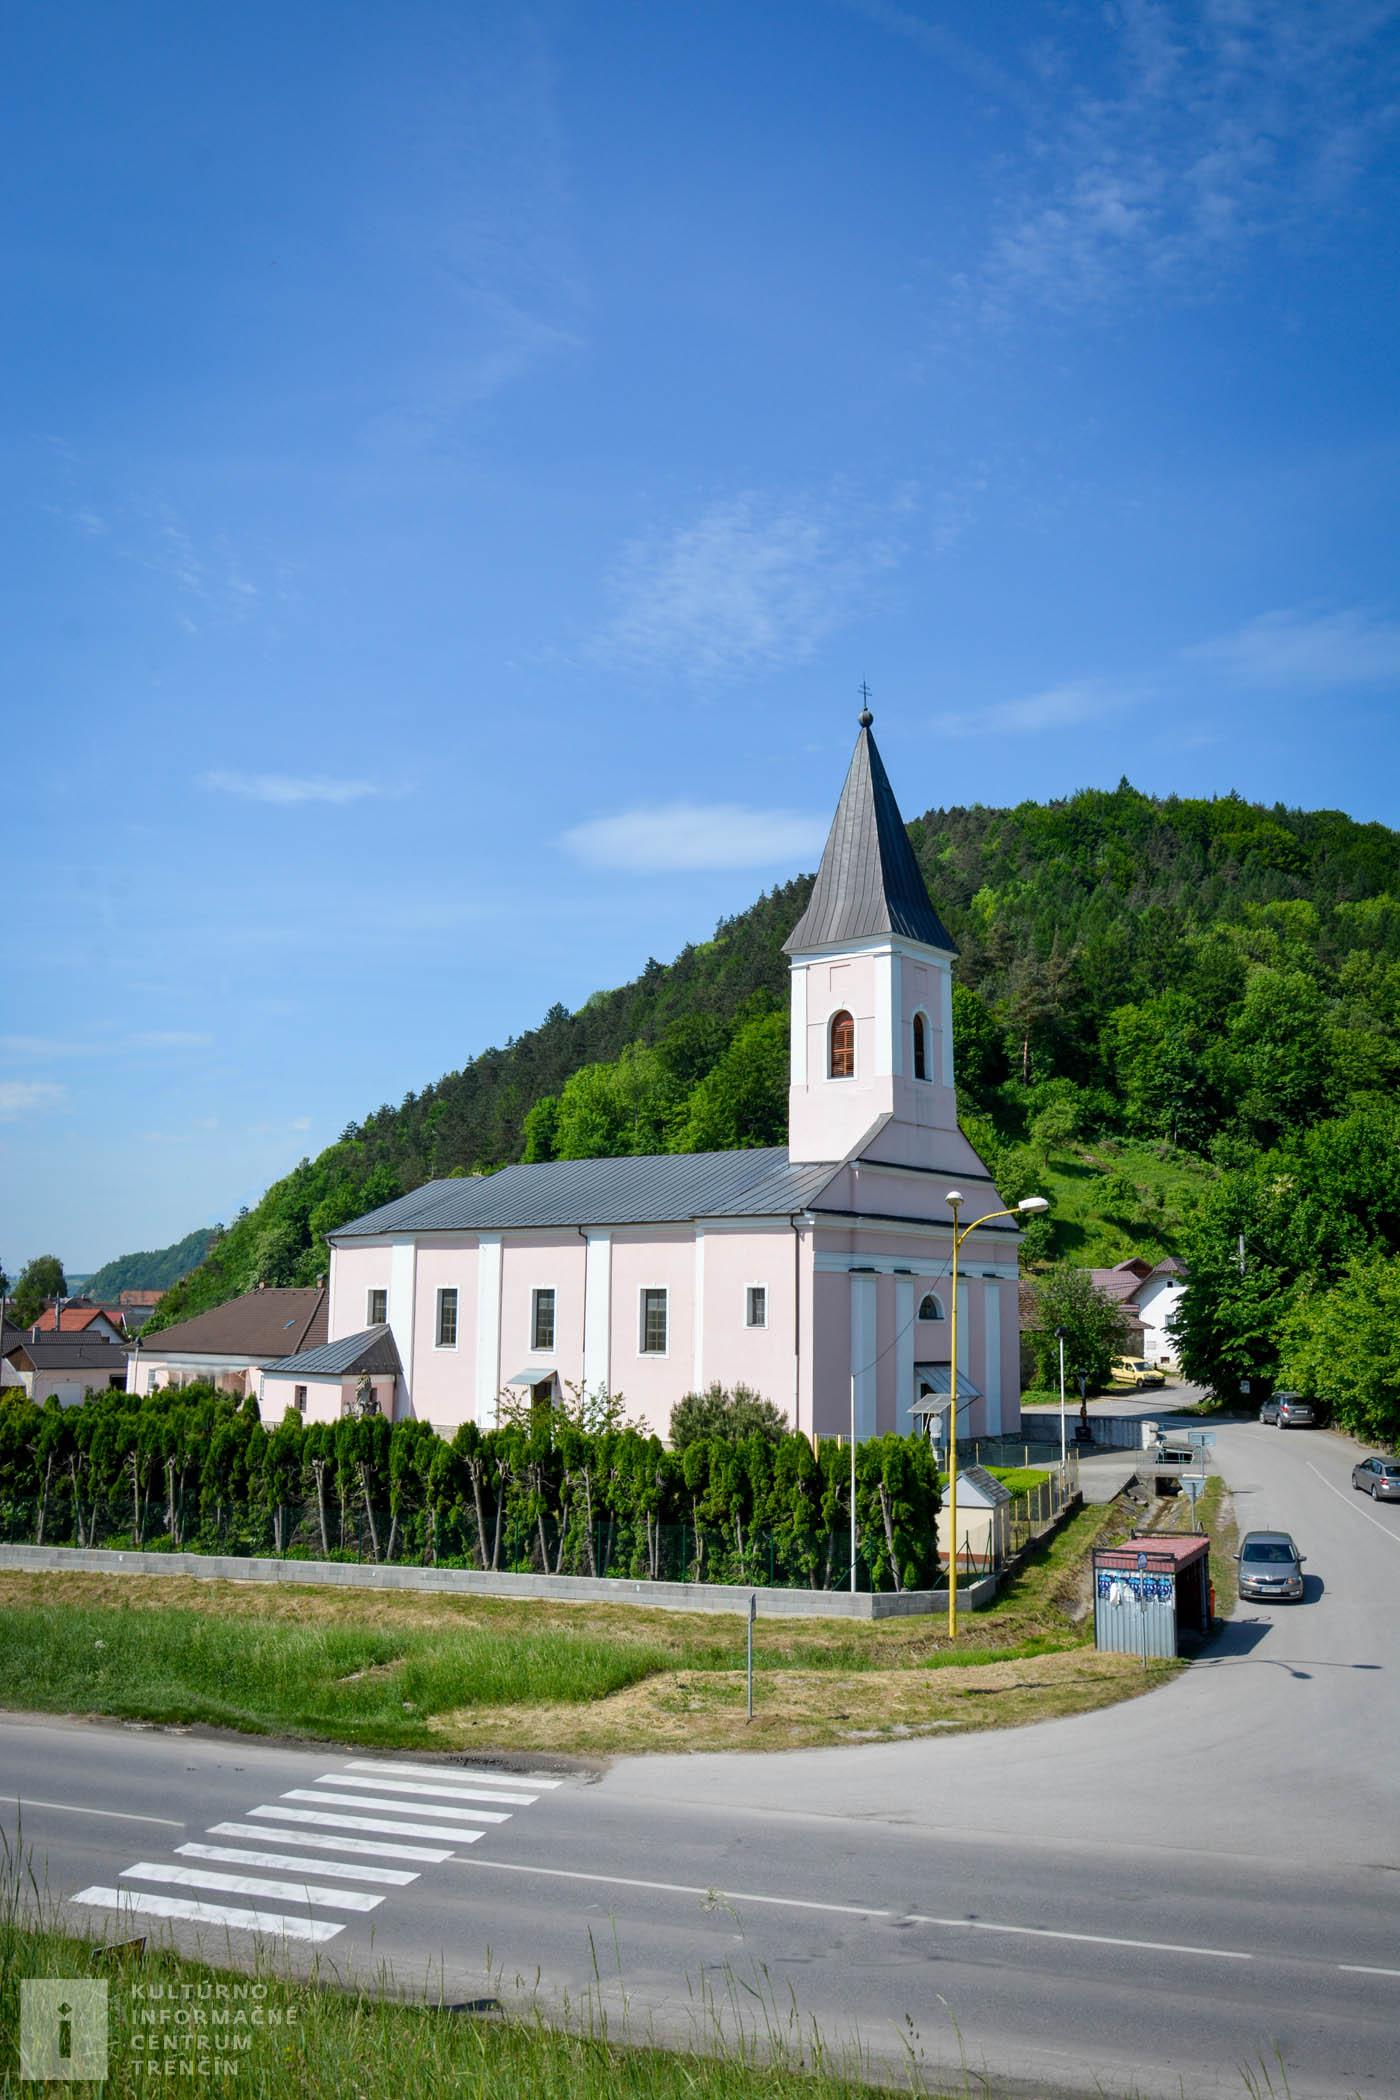 Kostol sv. Ladislava sa nachádza pod hradom v obci Považské Podhradie.